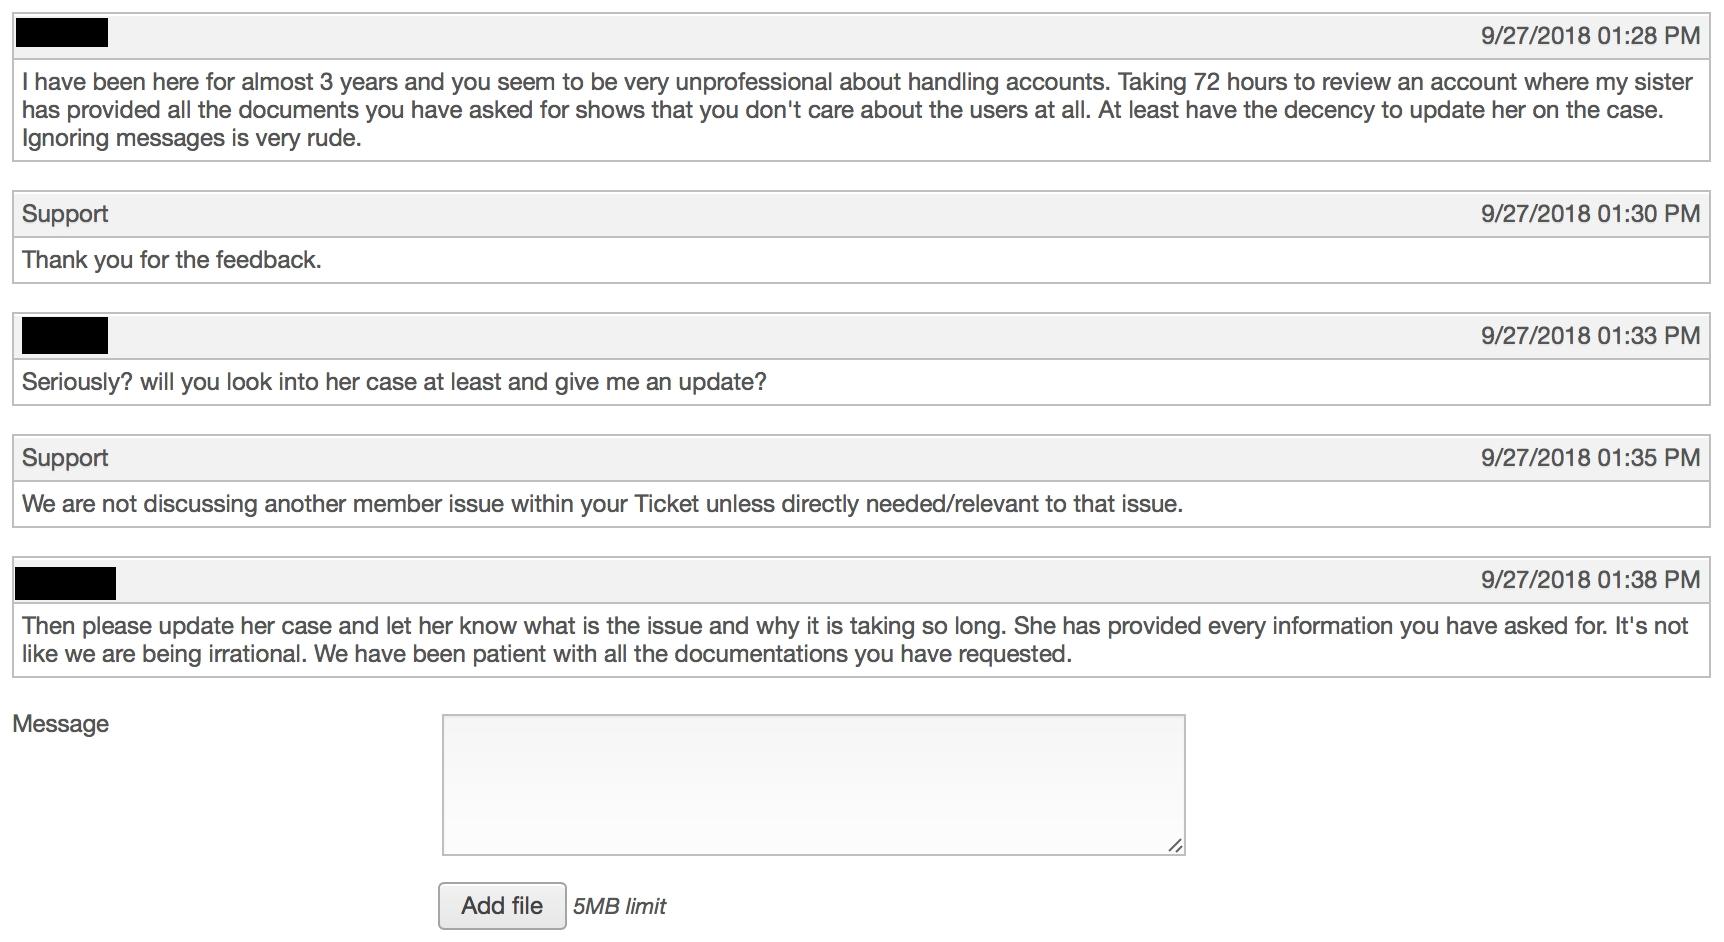 InstaGC Reviews - 20 Reviews of Instagc com | Sitejabber